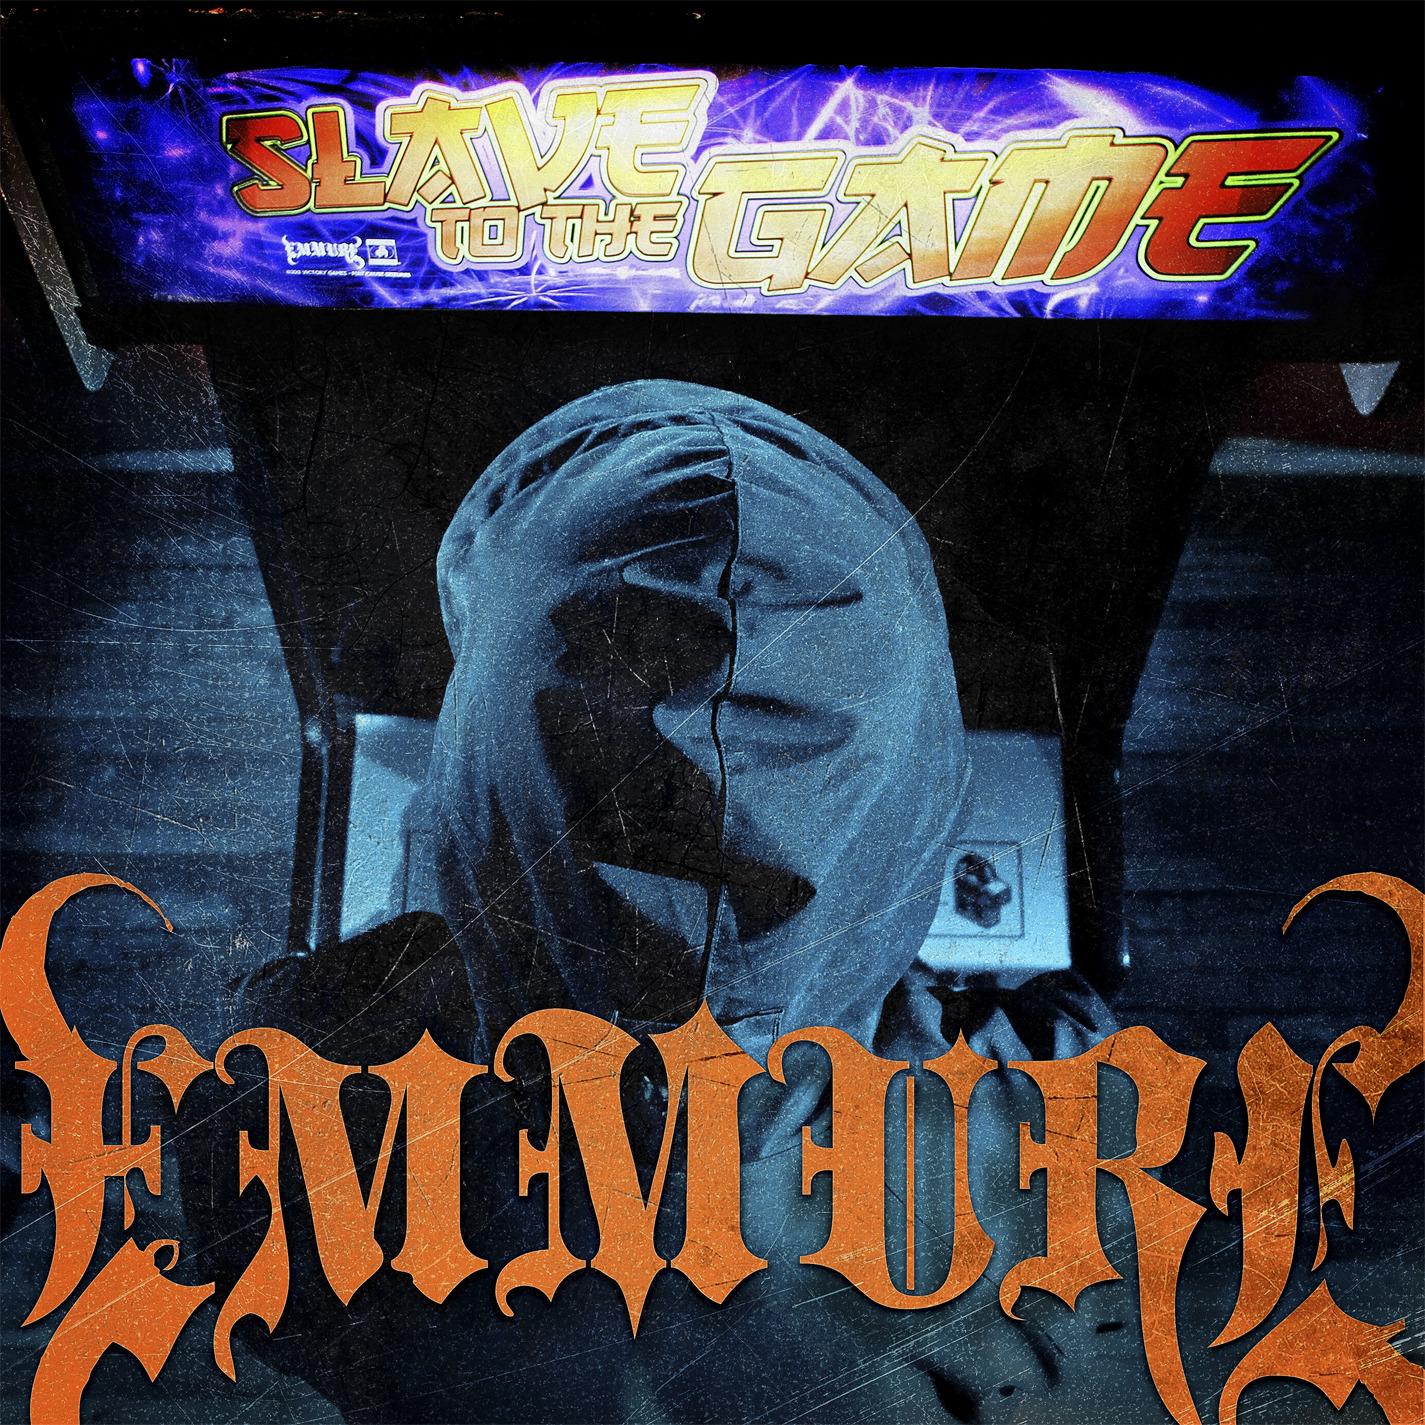 Die besten Metalcore-Alben 2012